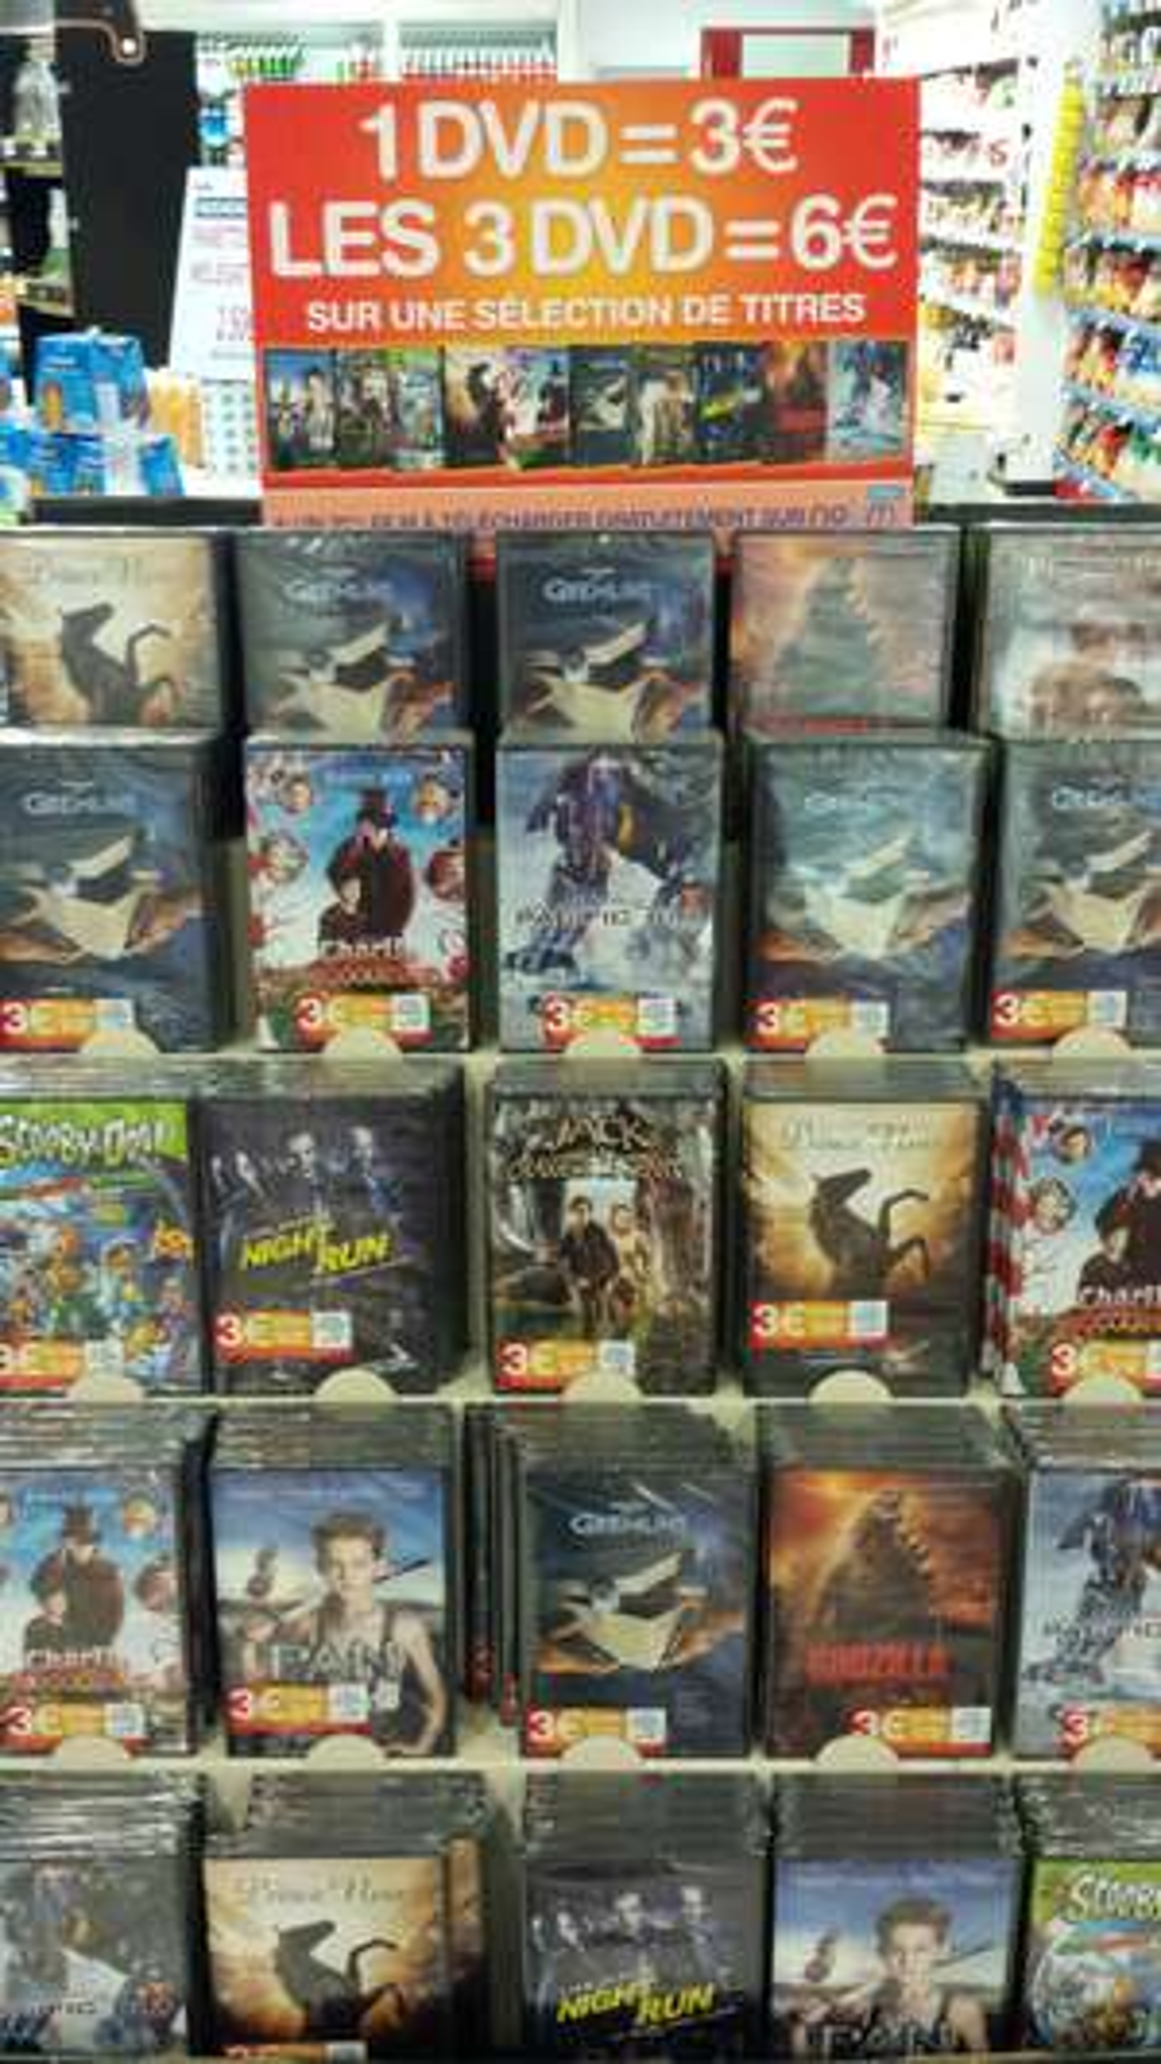 Lot de 3 DVD parmi une sélection + 2ème film à télécharger gratuitement sur Nolim - Brumath (67)